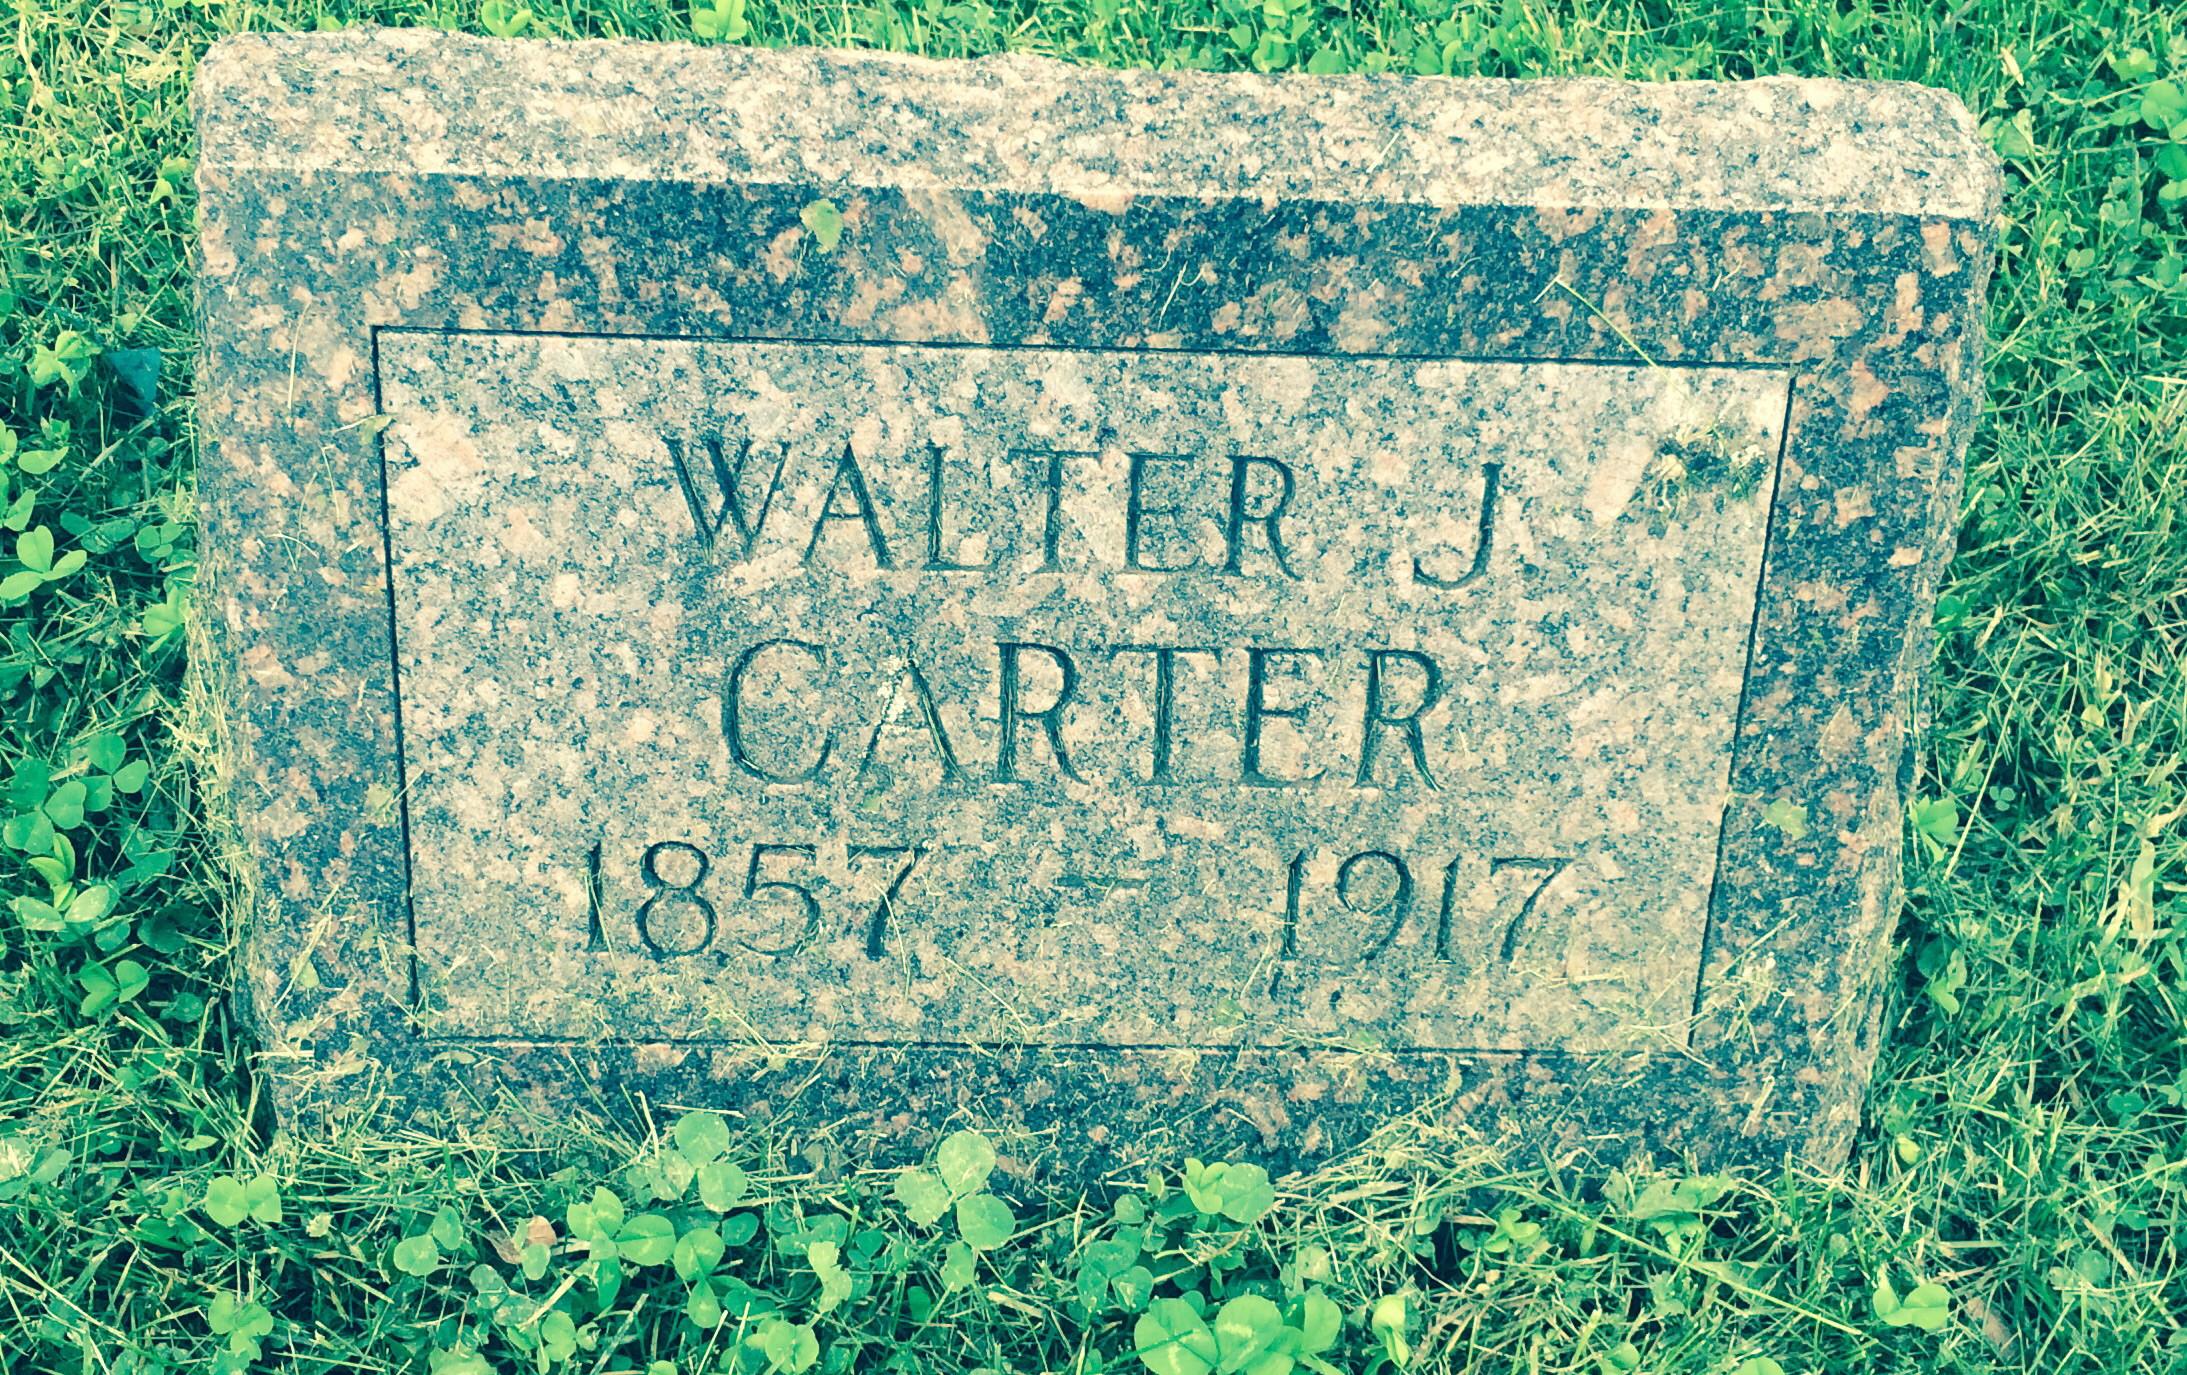 Walter James Carter